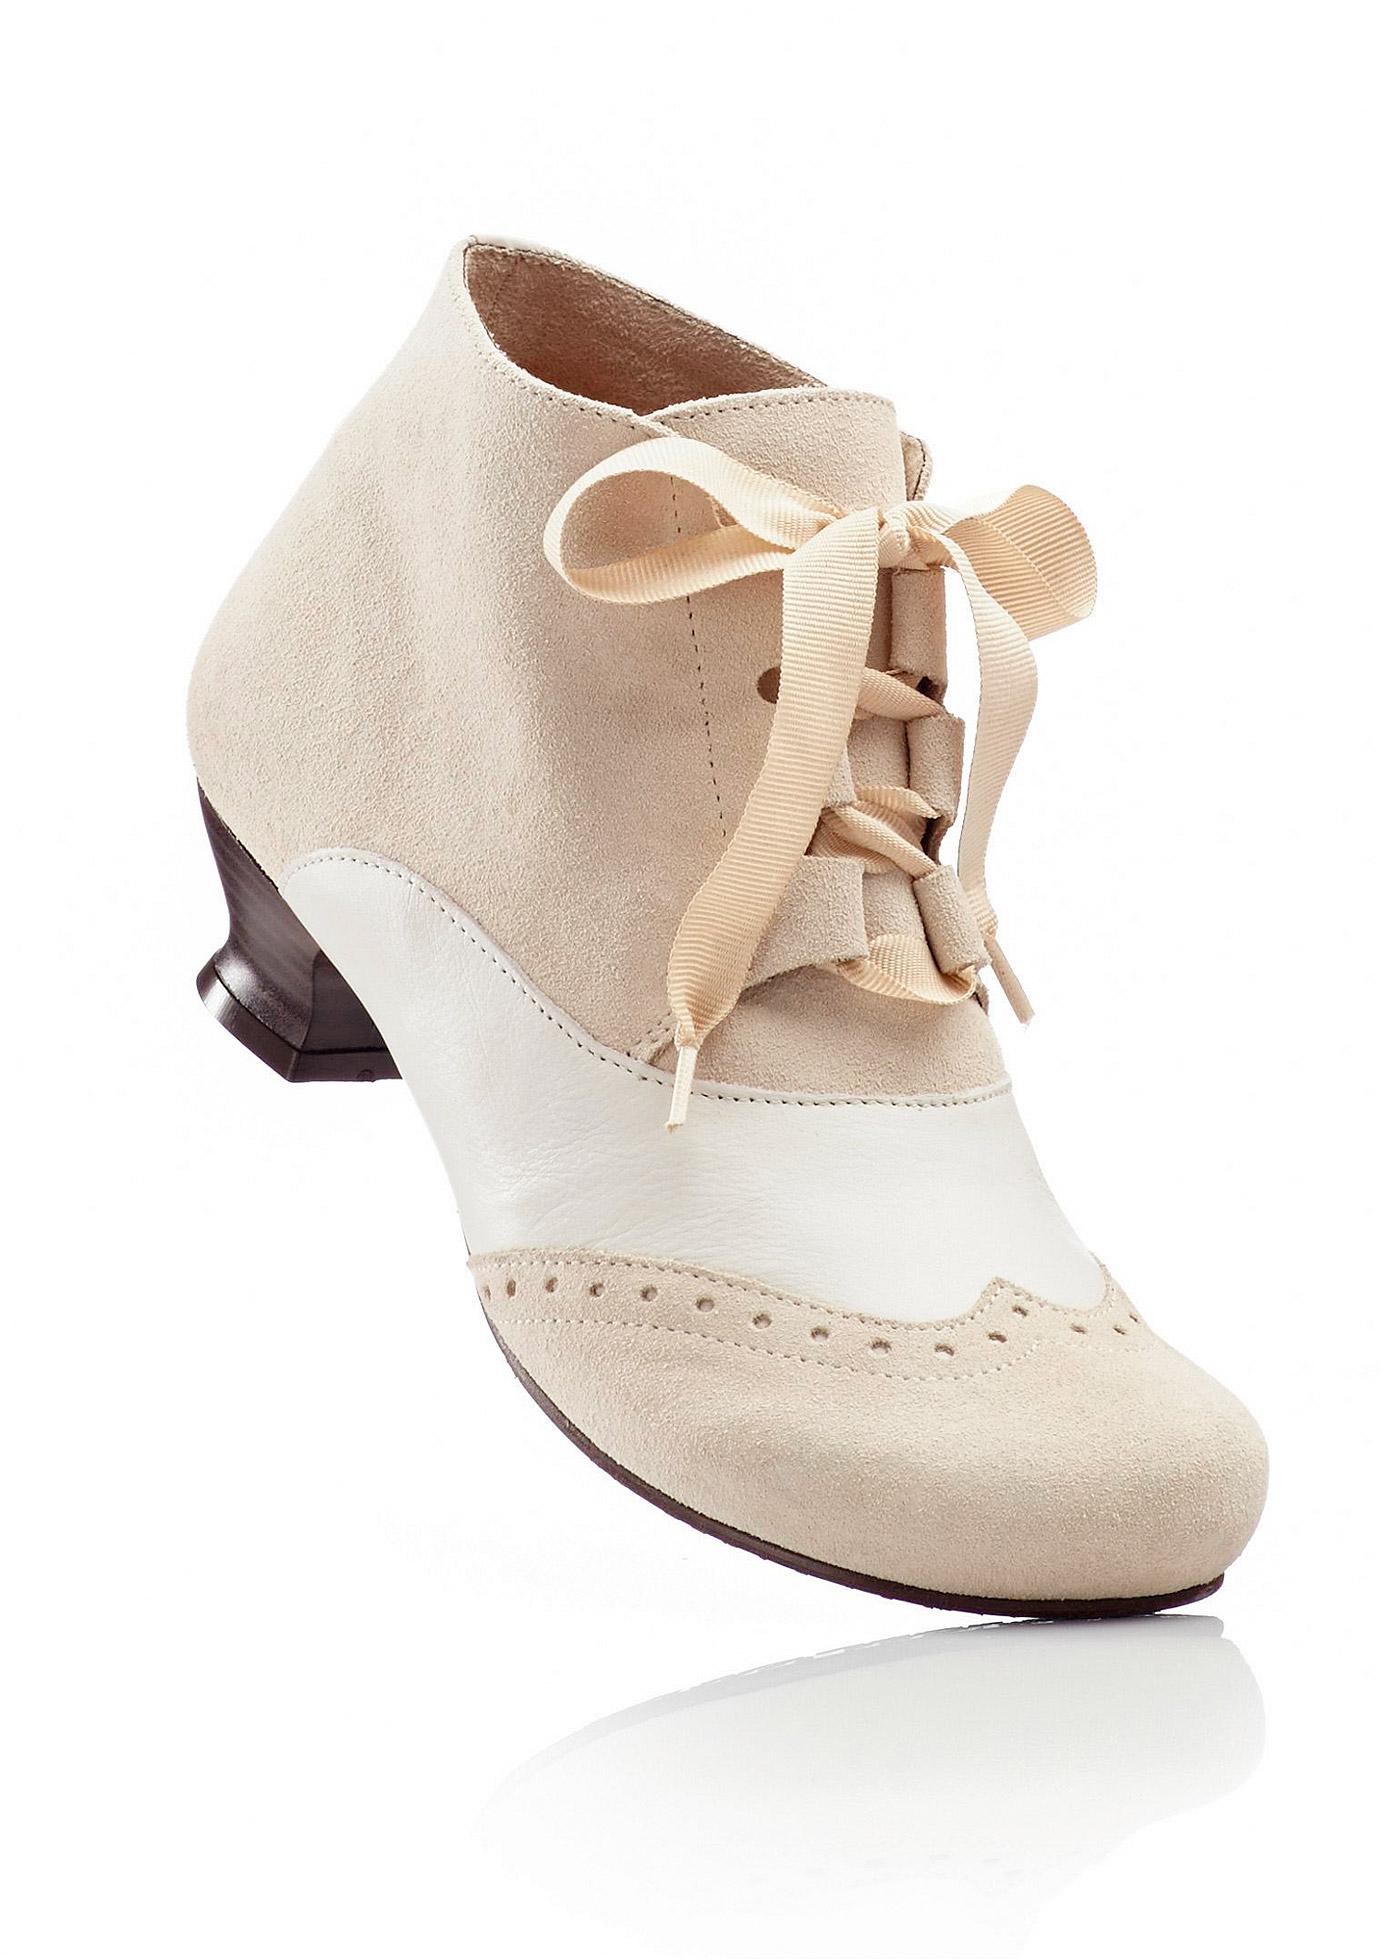 Lederstiefelette in beige für Damen von bonprix Schuhe und Accessoires > Damenschuhe > Bequemschuhe